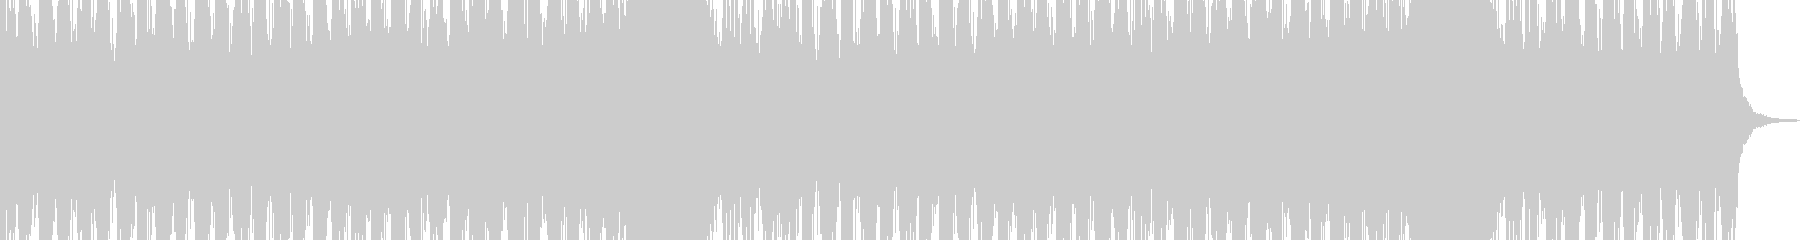 デジタルな質感のオーケストラの未再生の波形